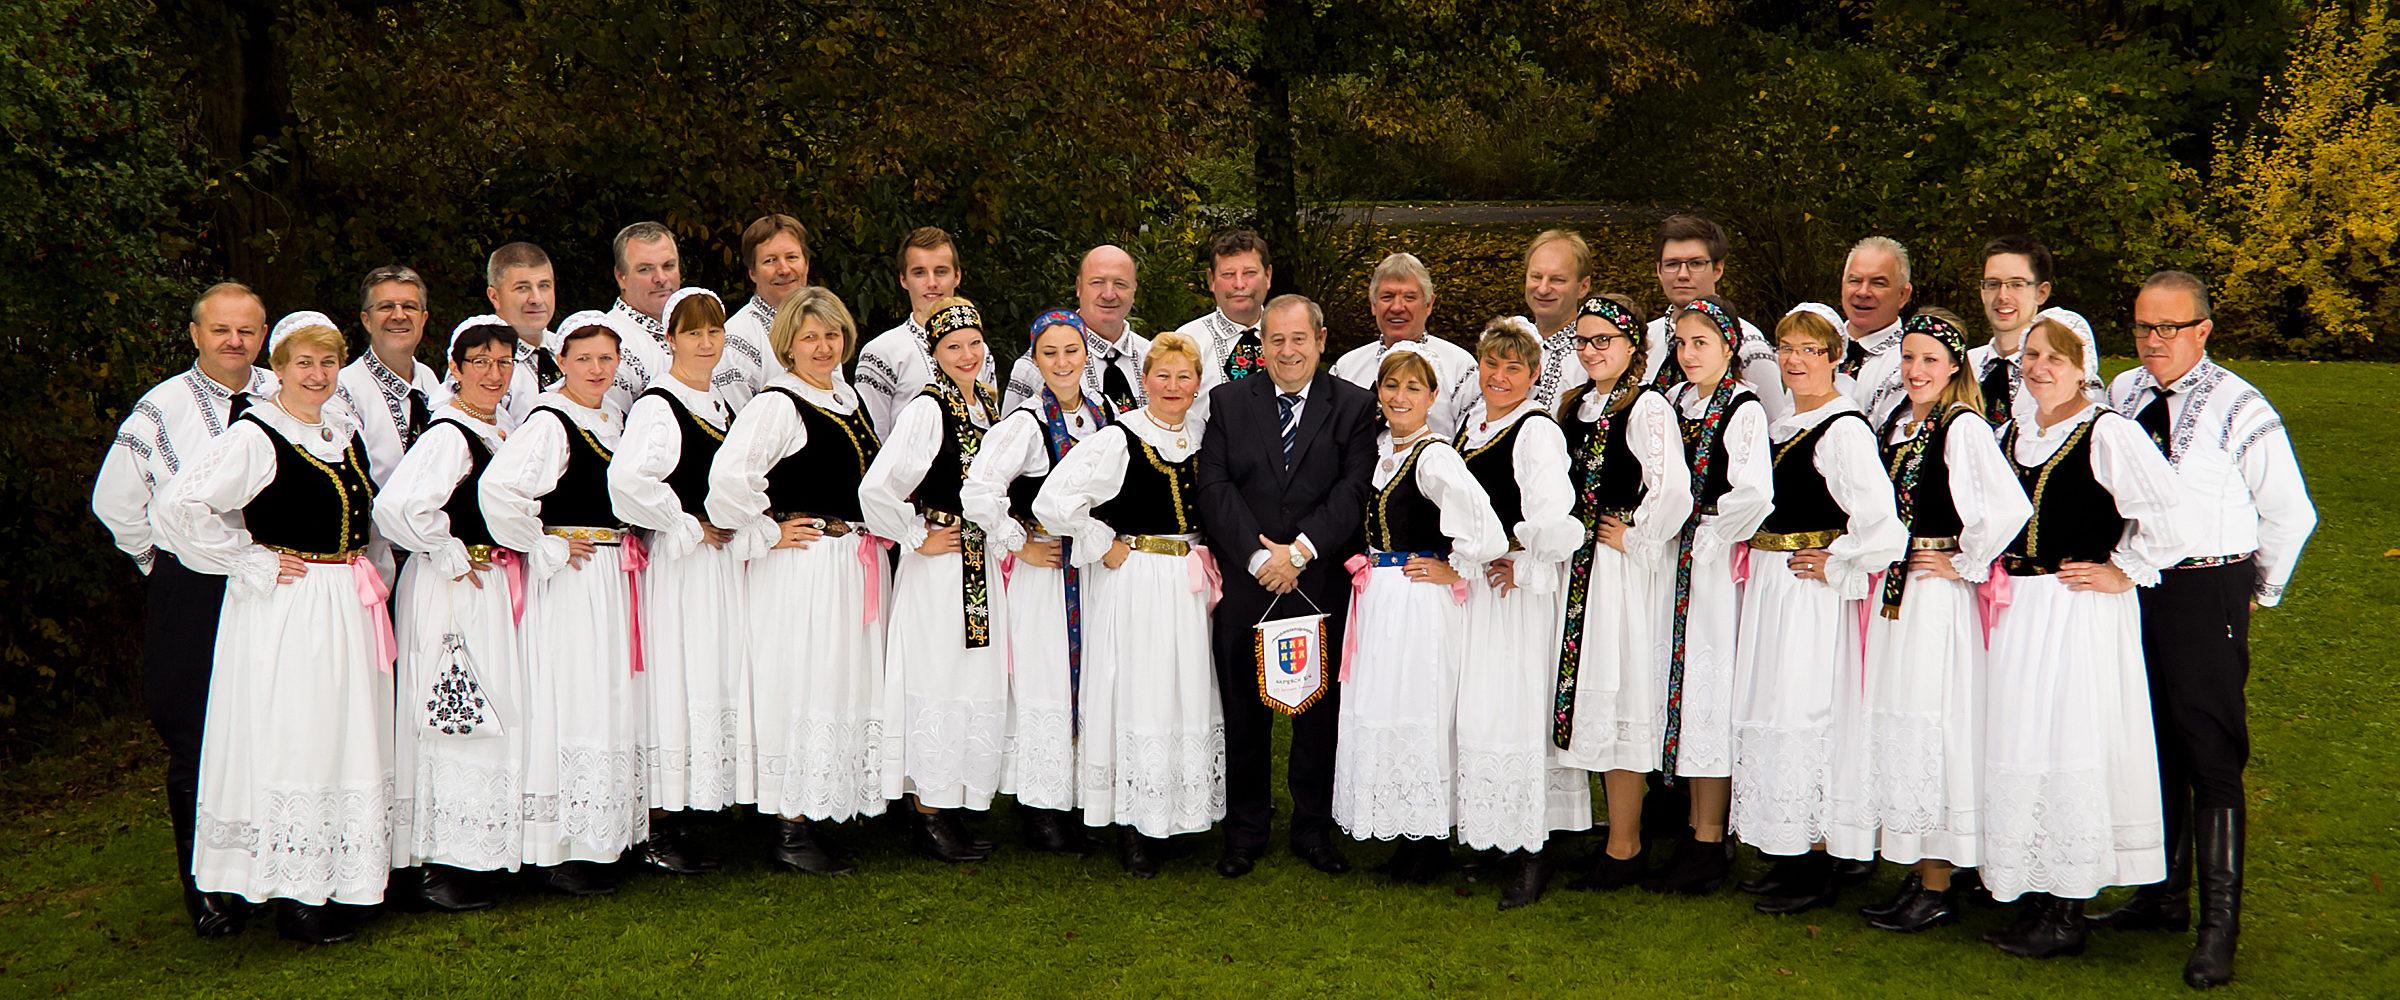 Trachtentanzgruppe Nadesch e.V.